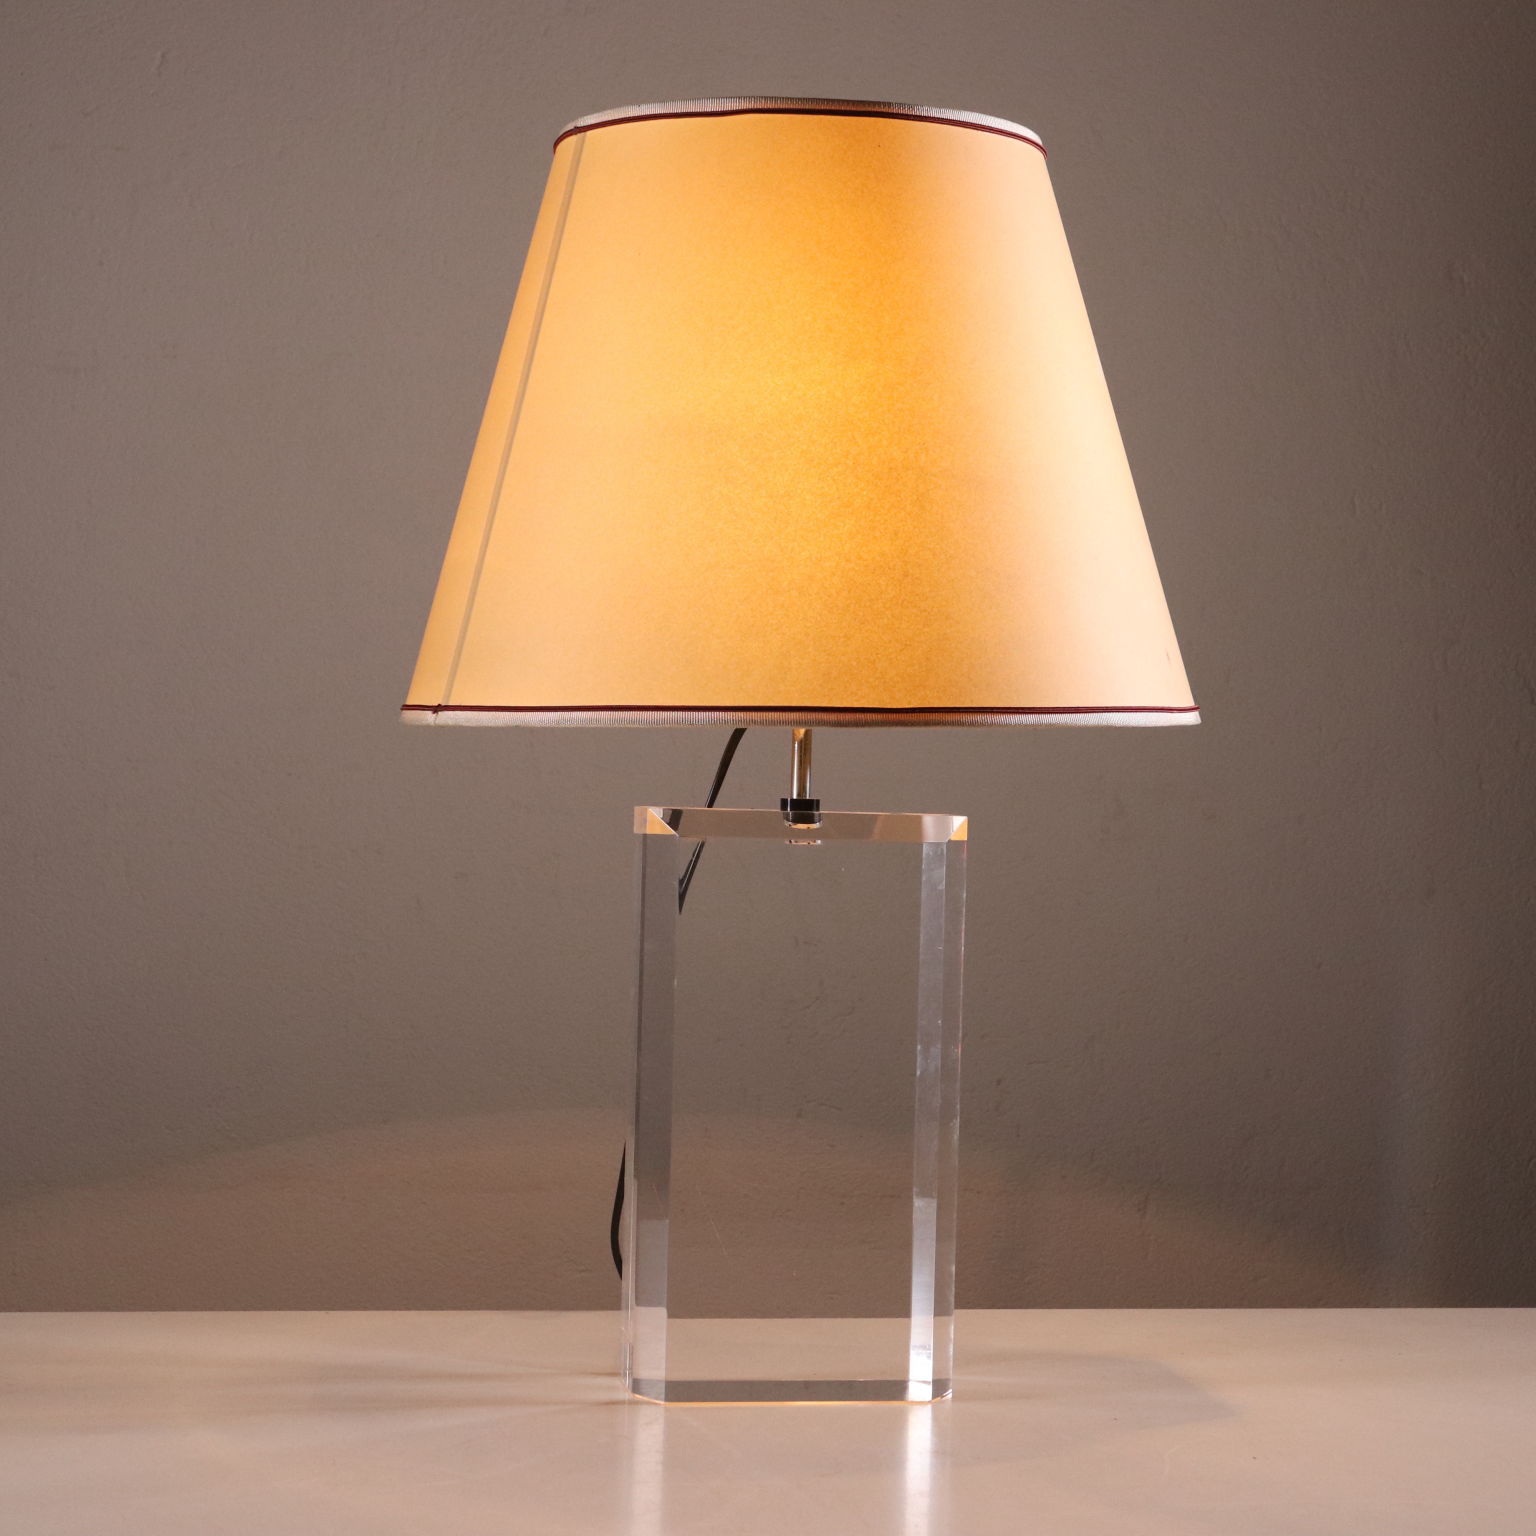 Lampada Anni 80 Illuminazione Modernariato Dimanoinmano It